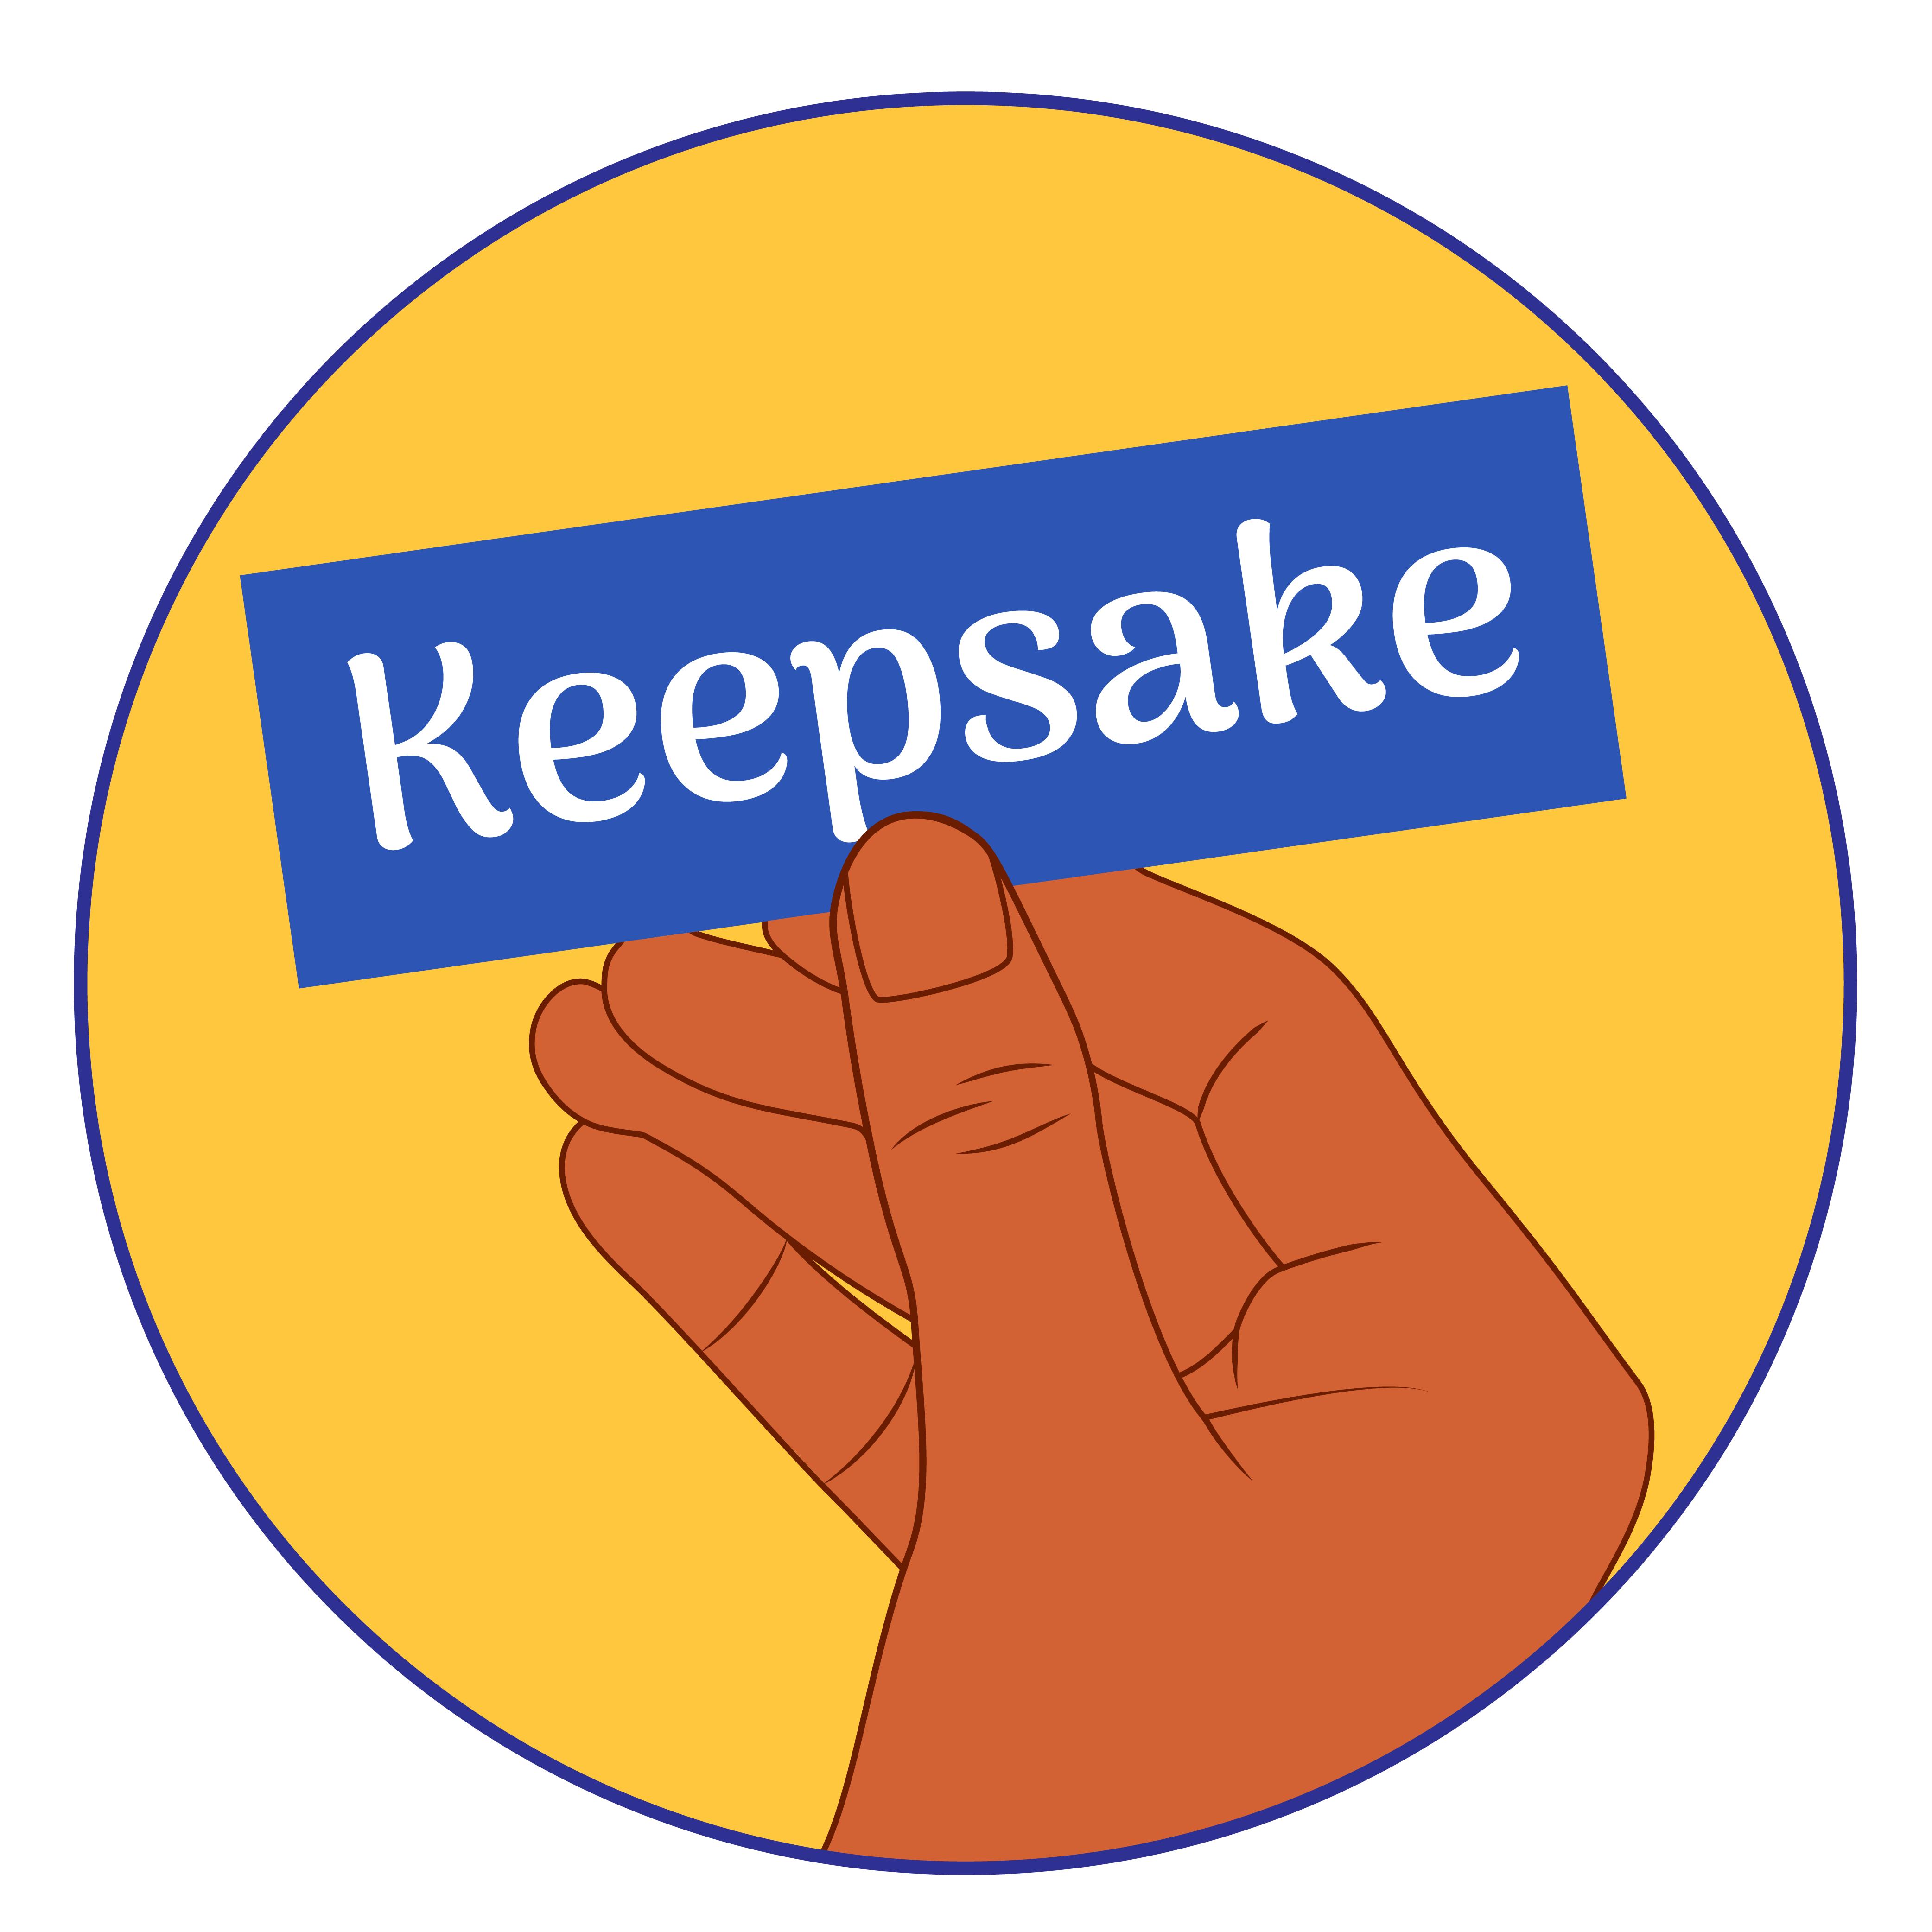 Keepsake (2021)